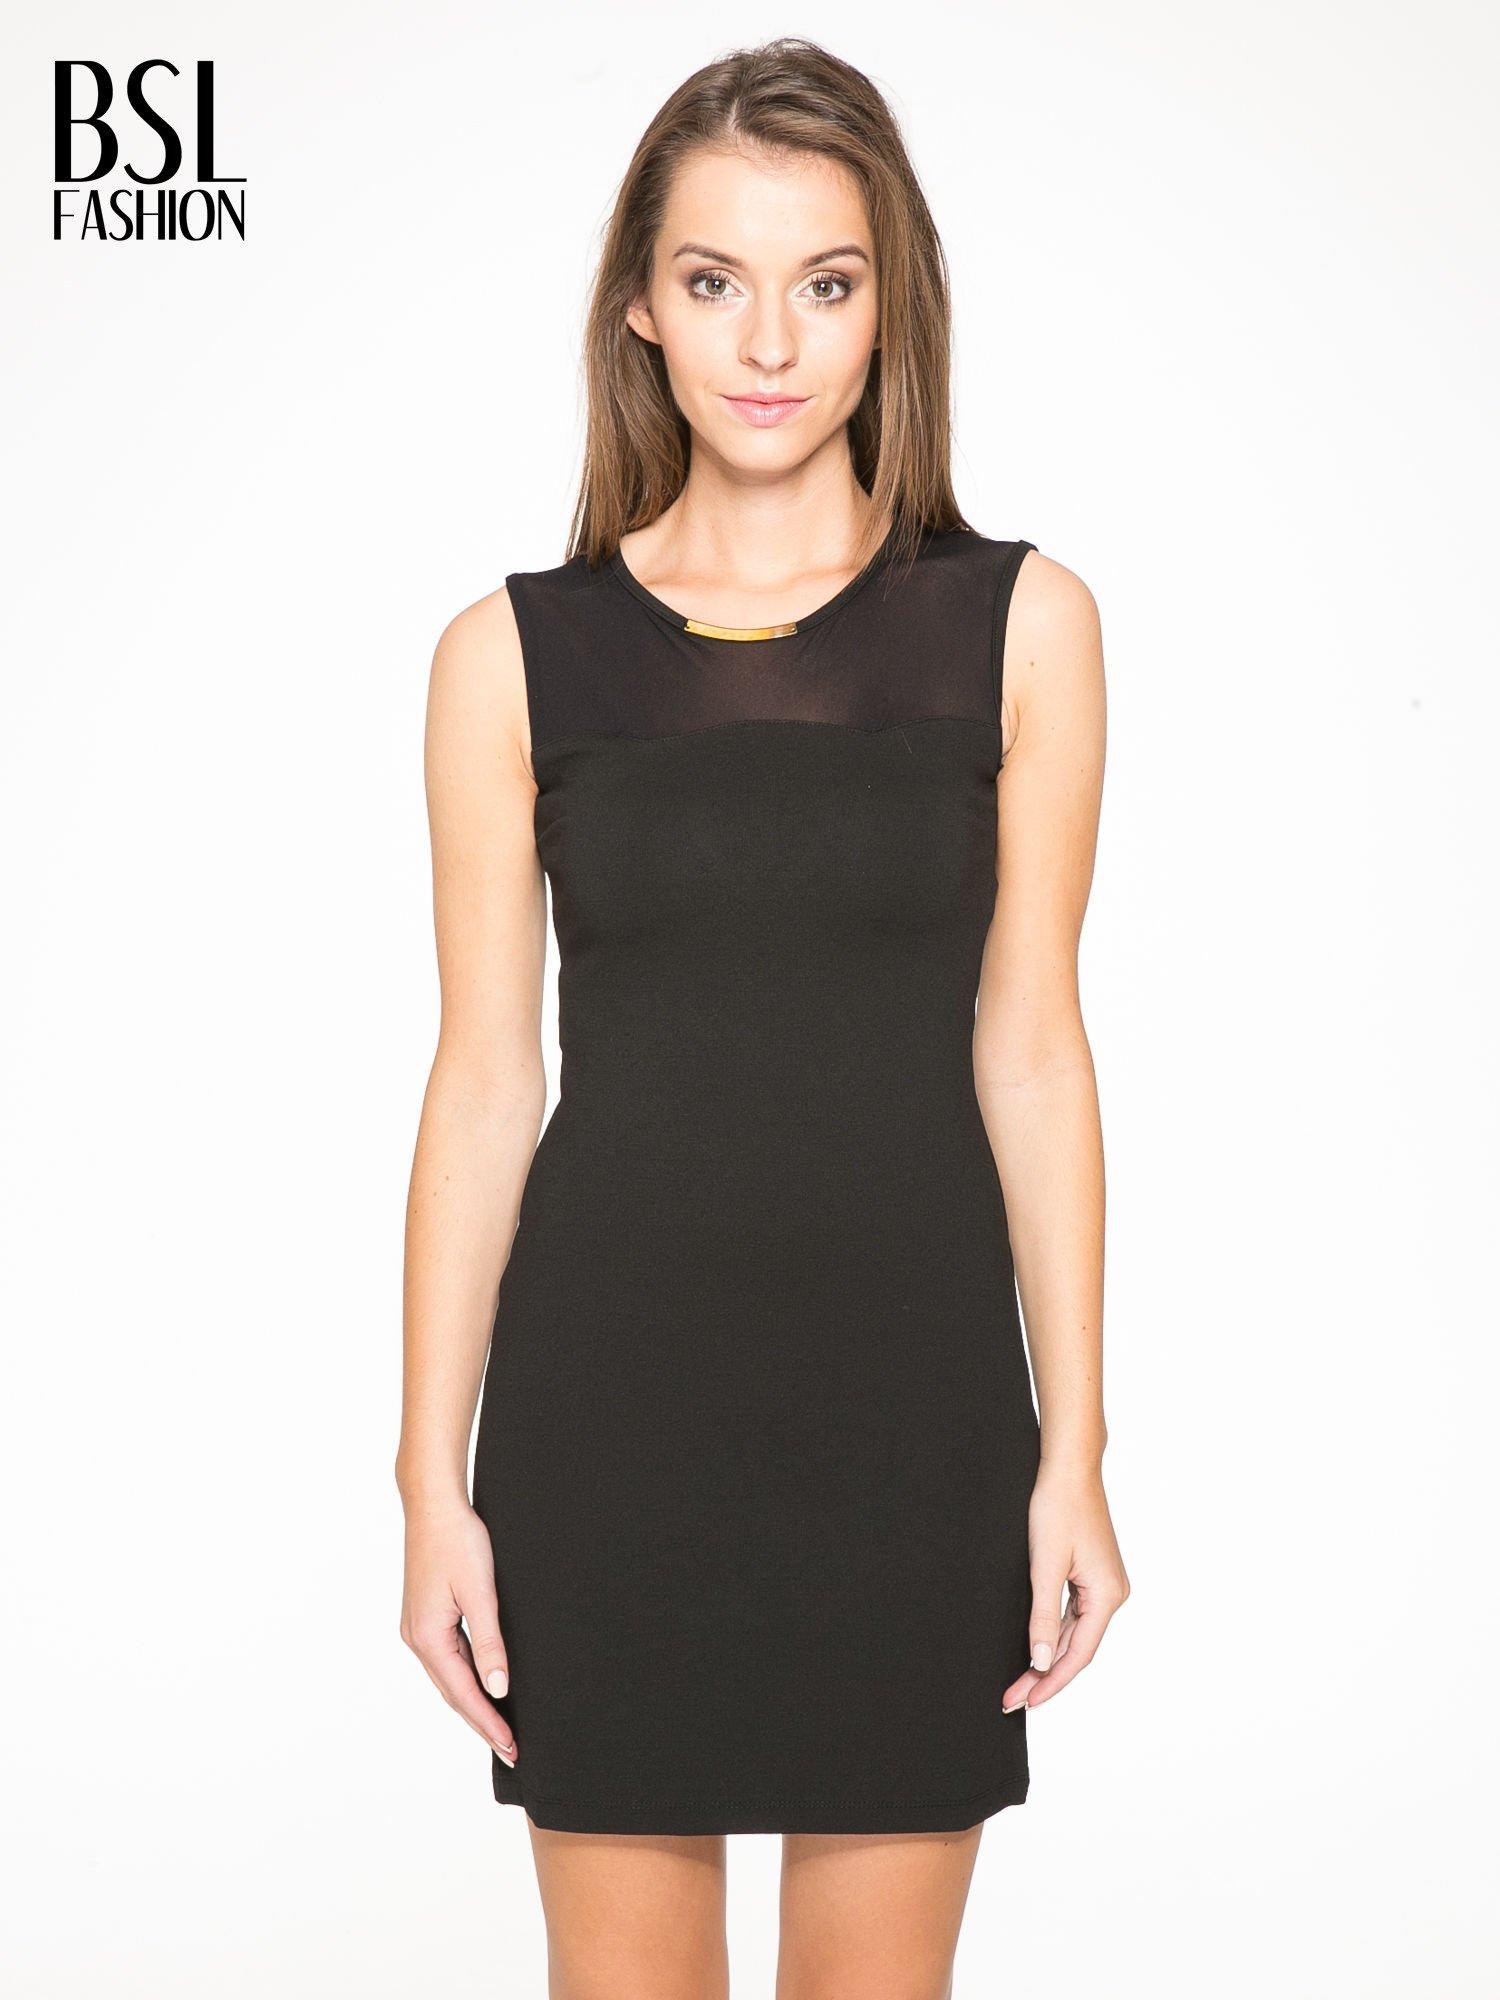 Czarna sukienka z siateczkowymi wstawkami na dekolcie i plecach                                  zdj.                                  1